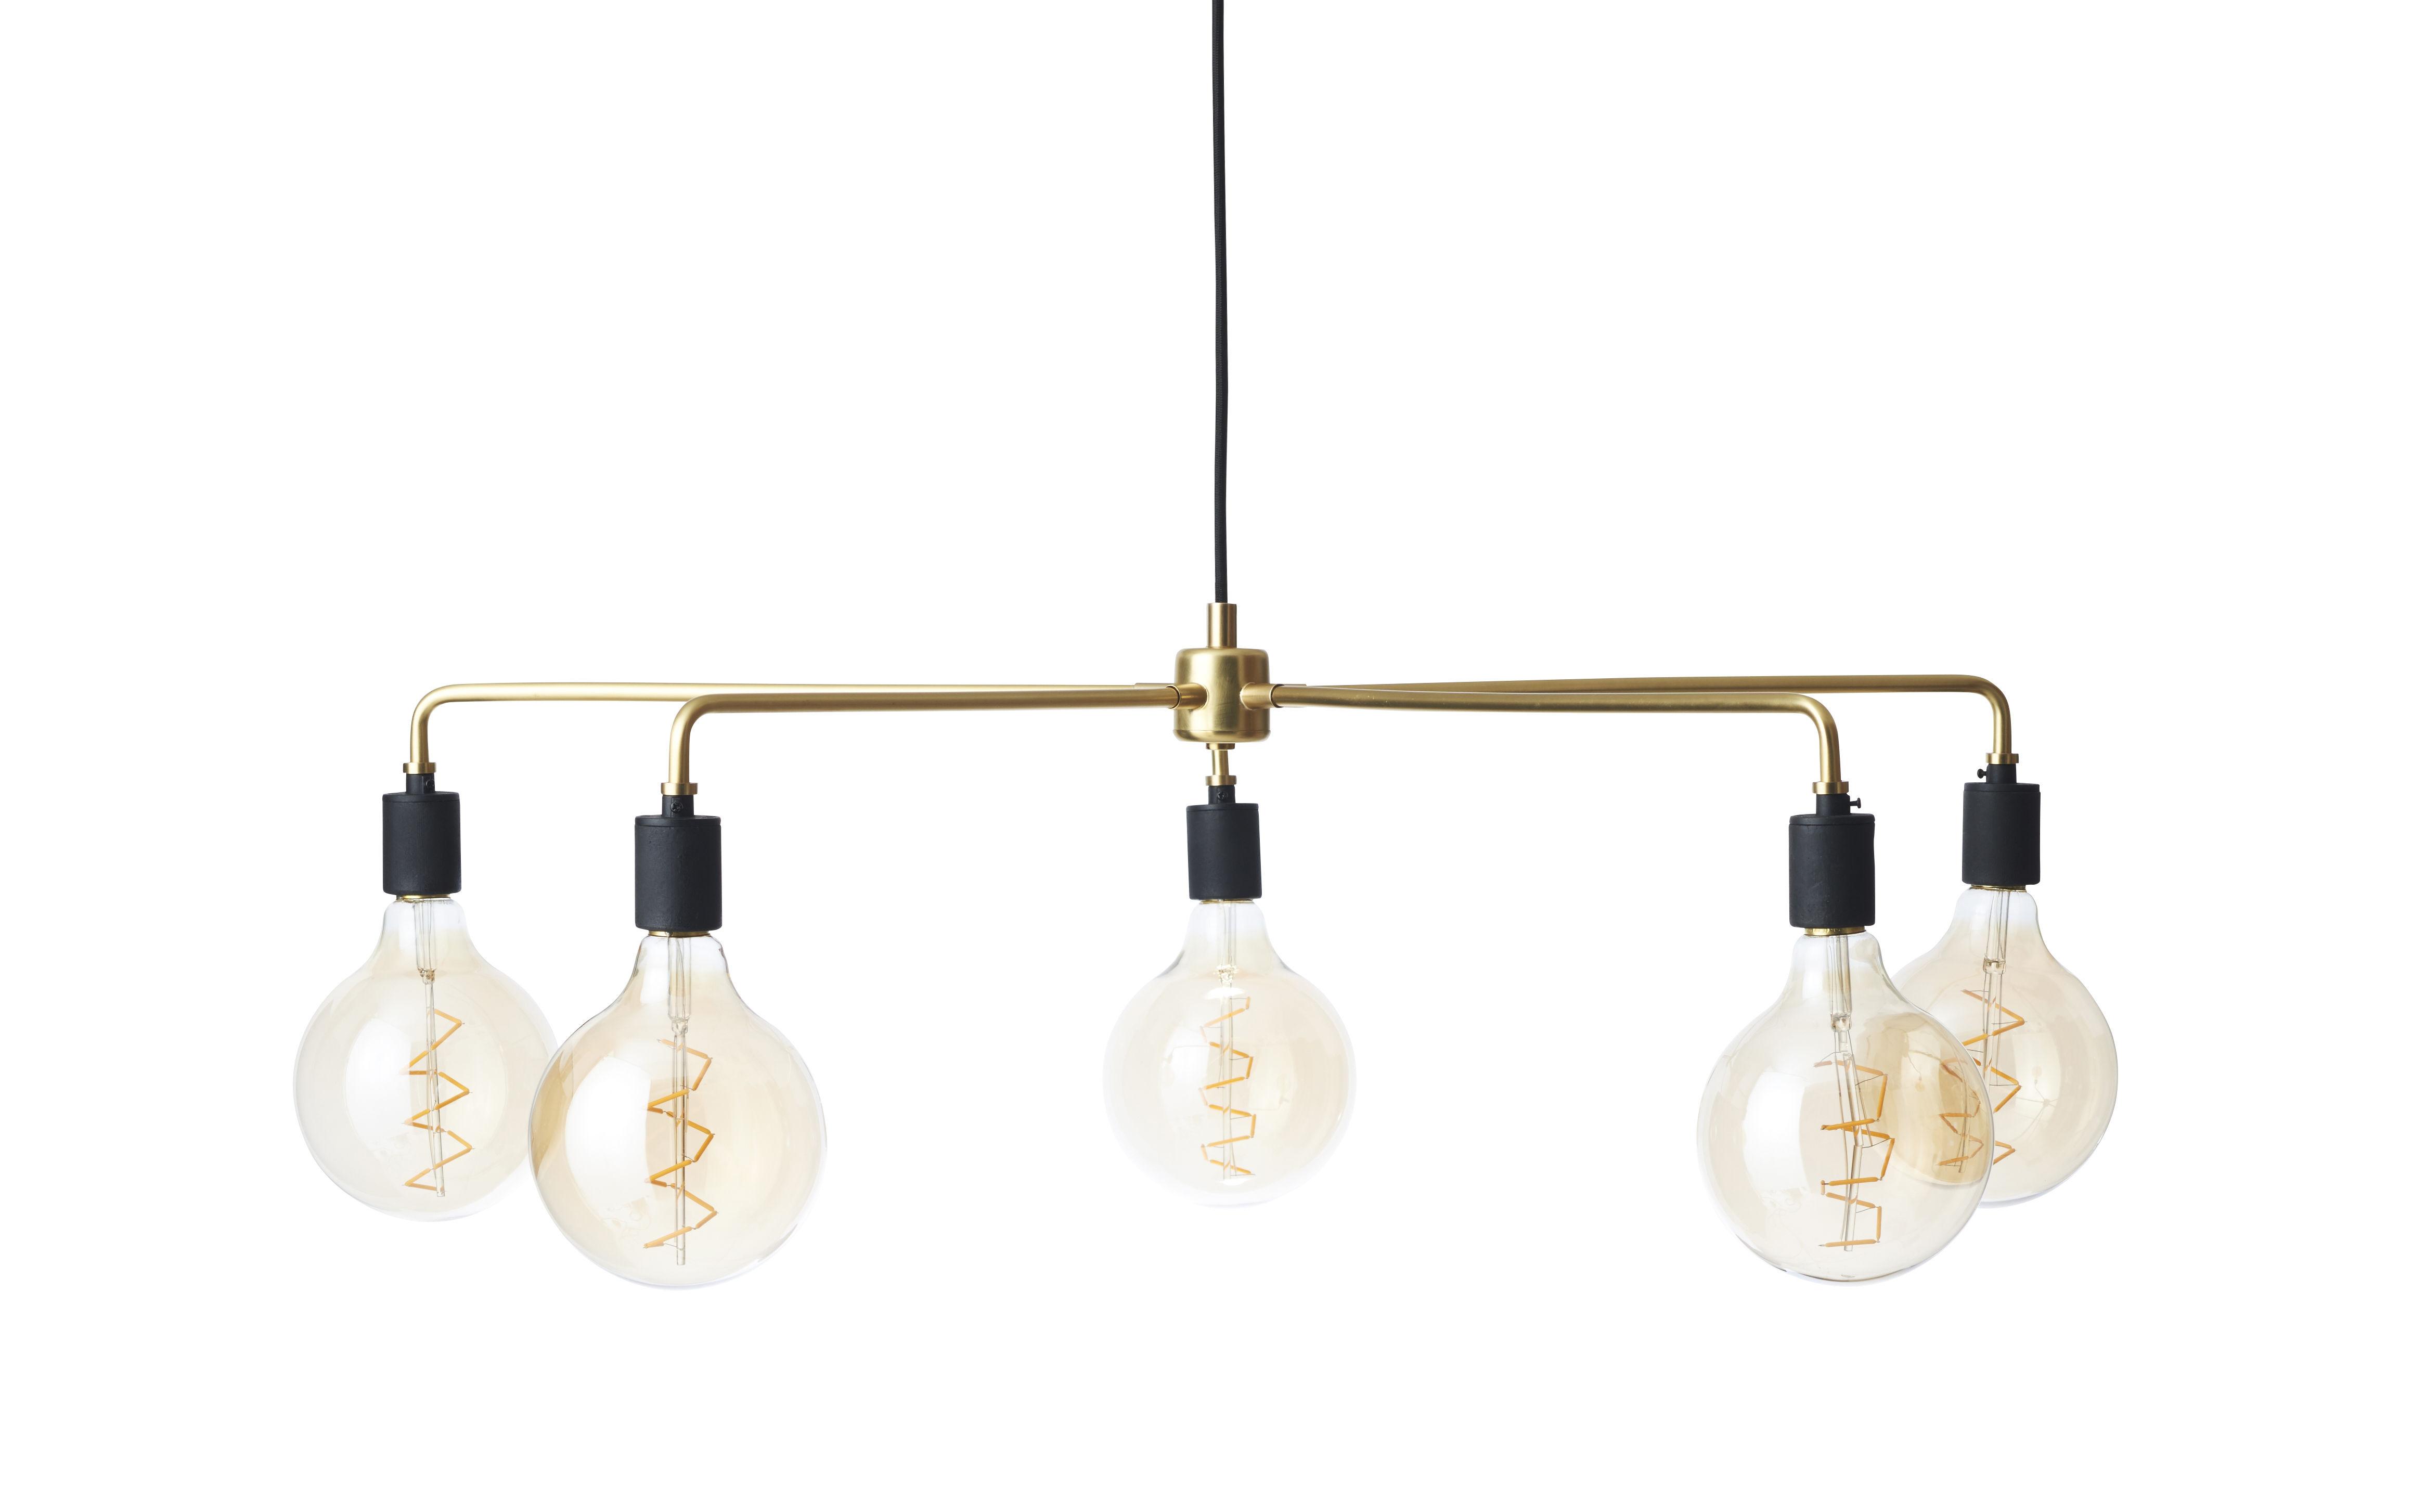 Illuminazione - Lampadari - Sospensione Chambers candelabro / Ø 76 cm - Menu - Ottone - Laiton massif, Porcellana